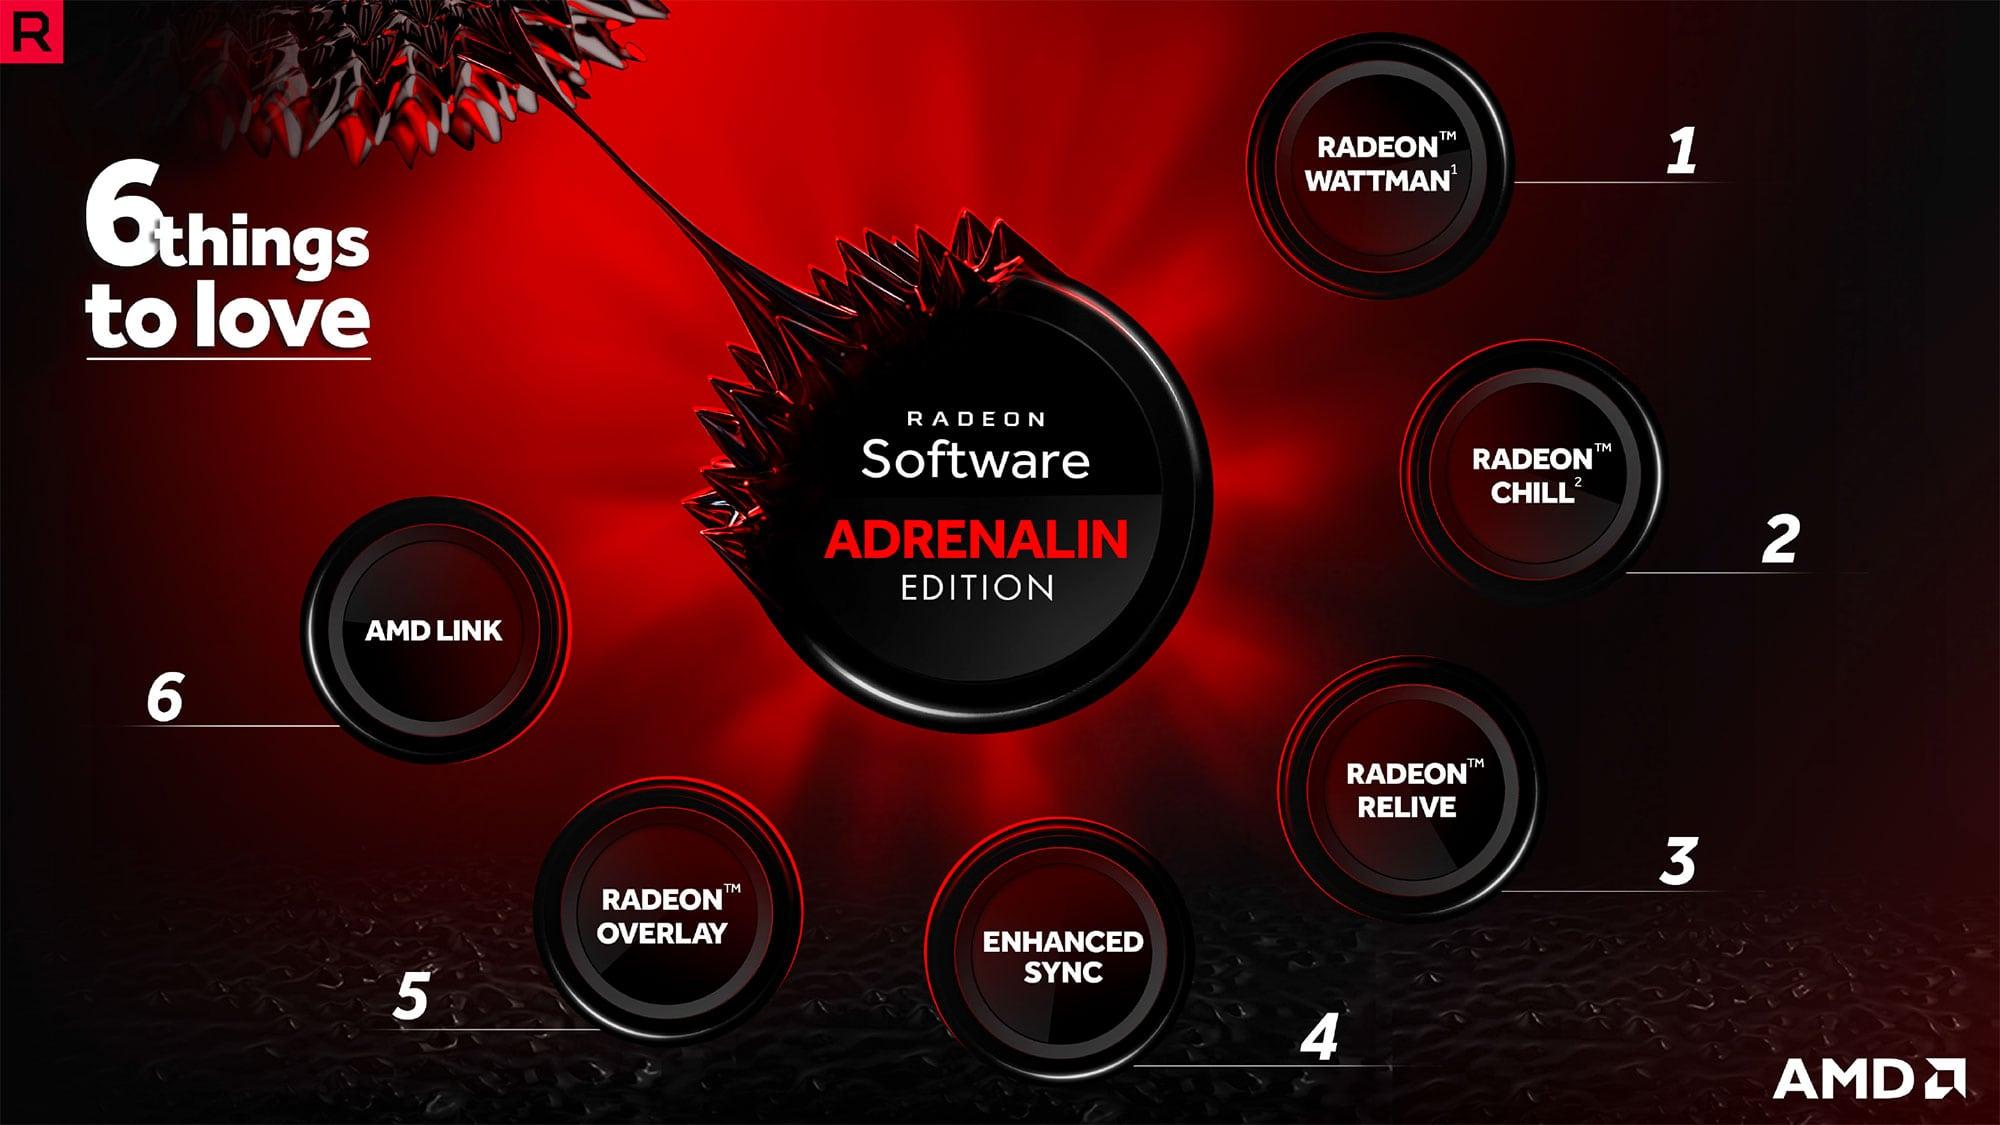 تعريف AMD Radeon Adrenalin 18 5 1 WHQL يزيد الاداء مع لعبة Ancestors